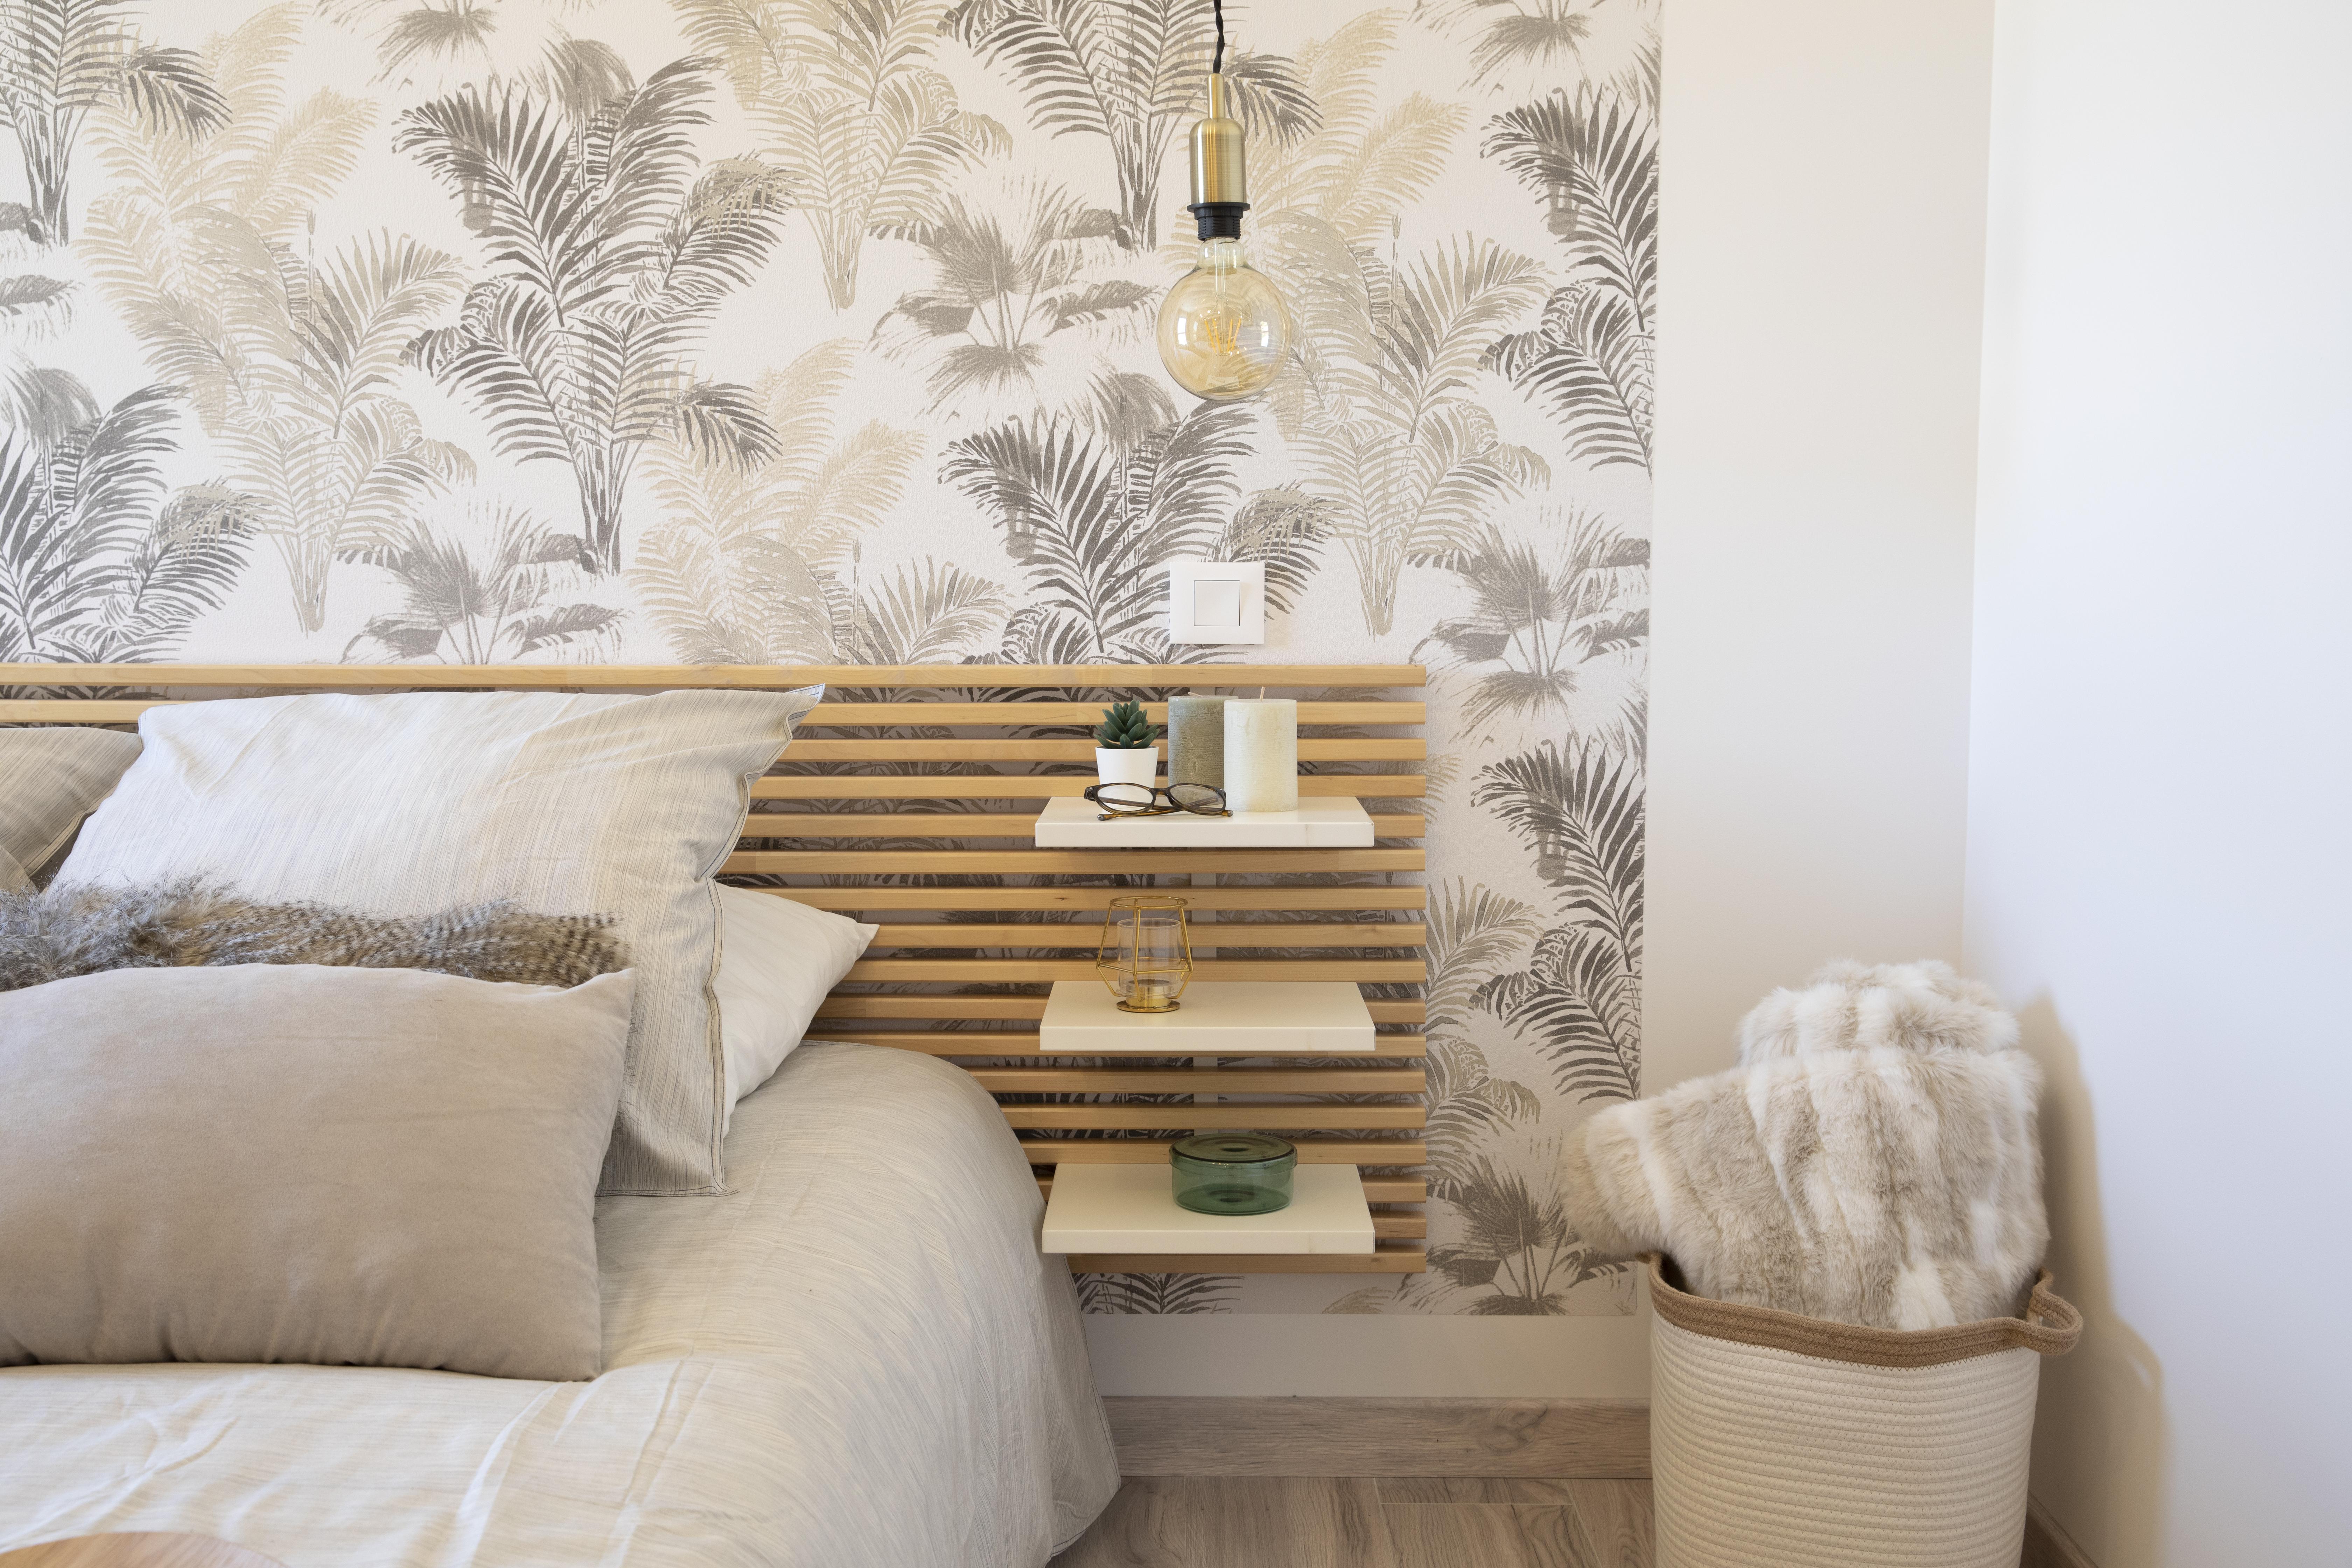 Comment Décorer Son Appartement Pas Cher optimiser l'espace d'un appartement duplex : nos astuces !